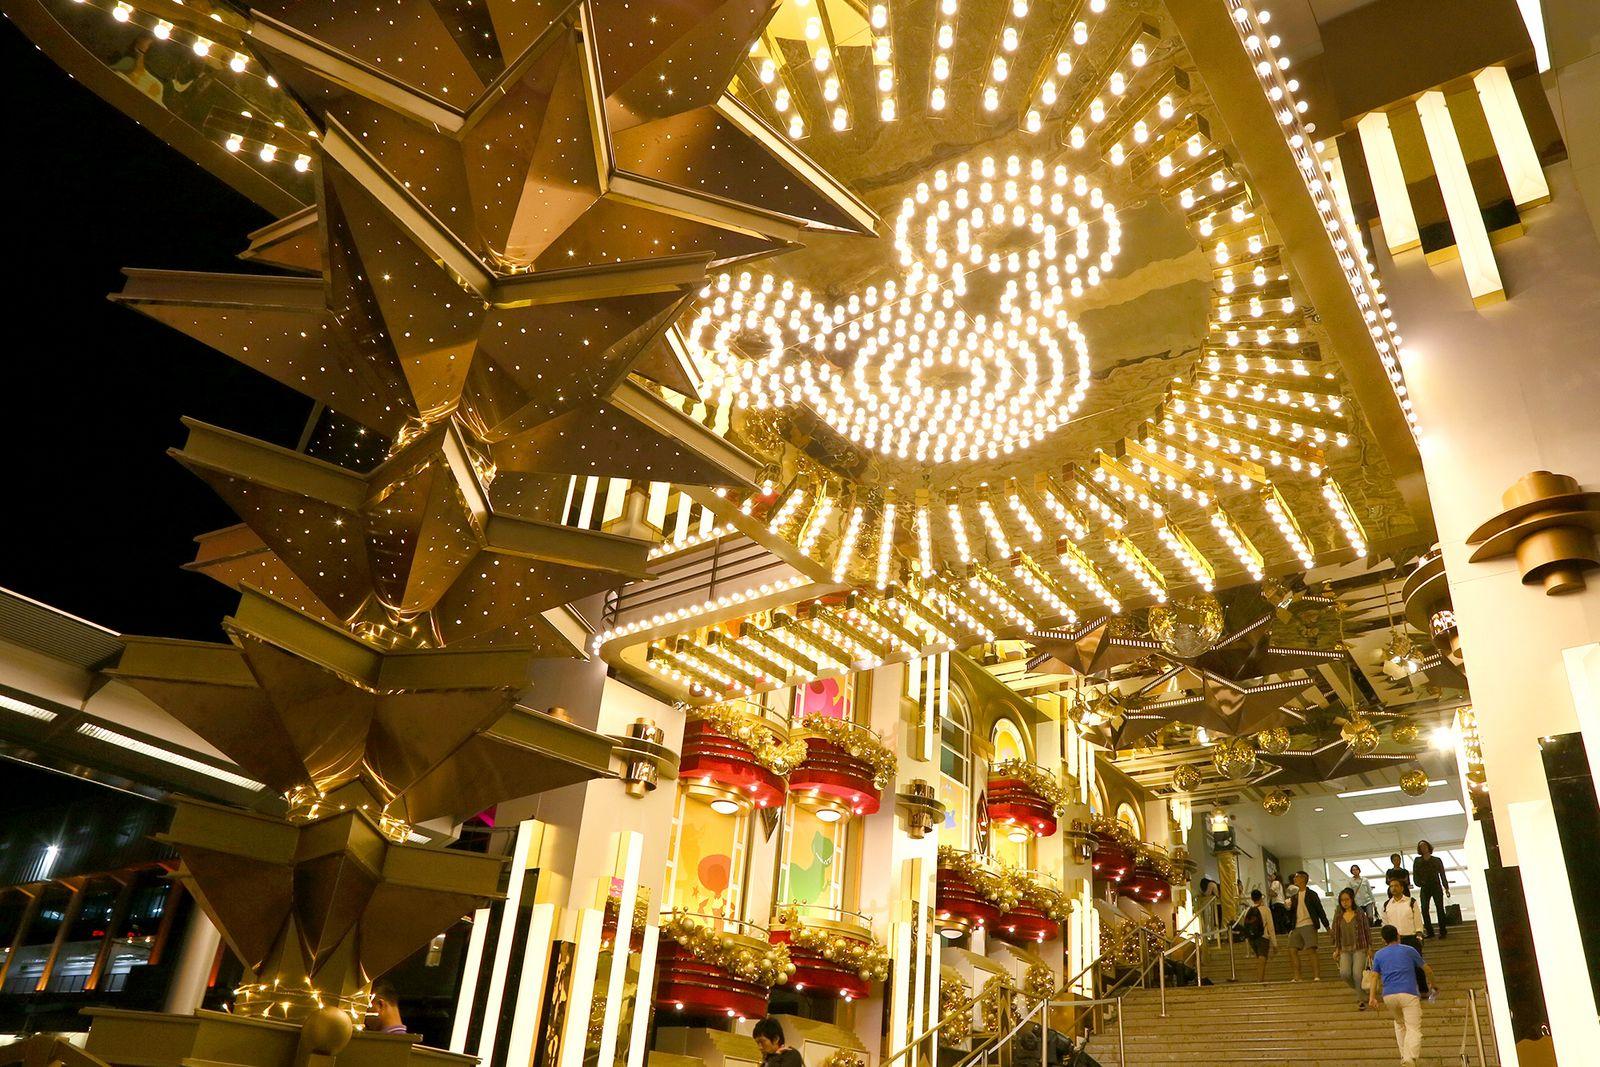 크리스마스 콘셉트로 단장한 쇼핑몰 하버시티.